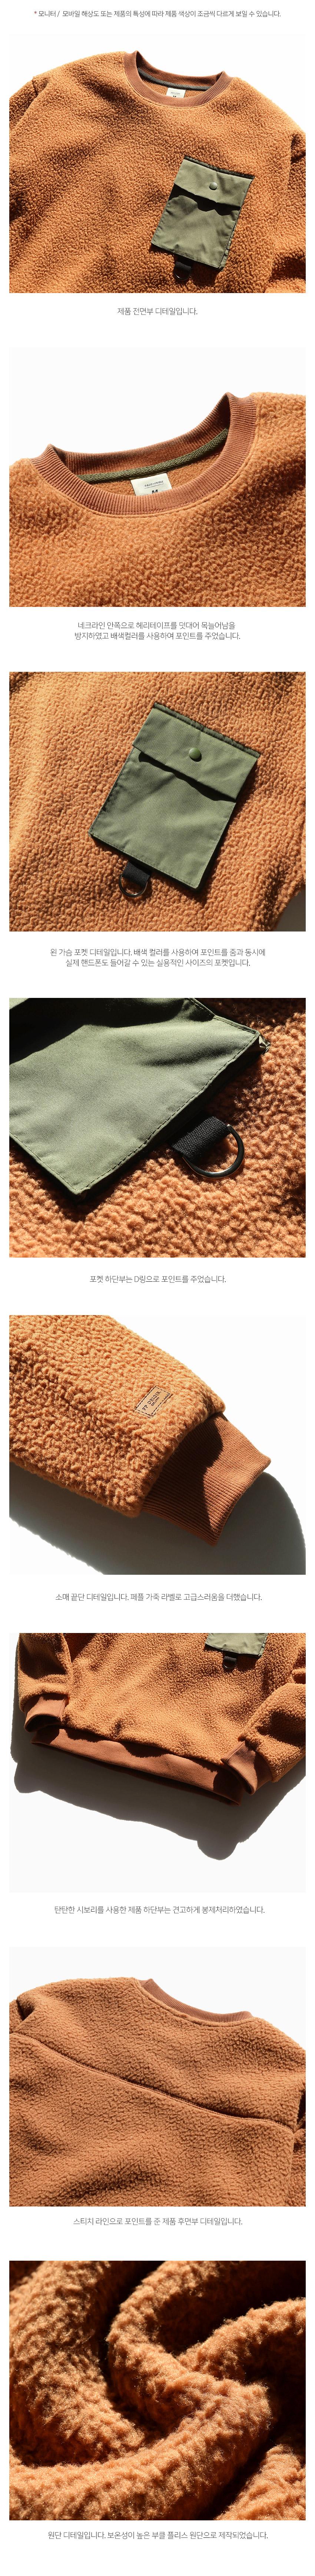 5_SJMT1222_detail_Camel2_sr.jpg